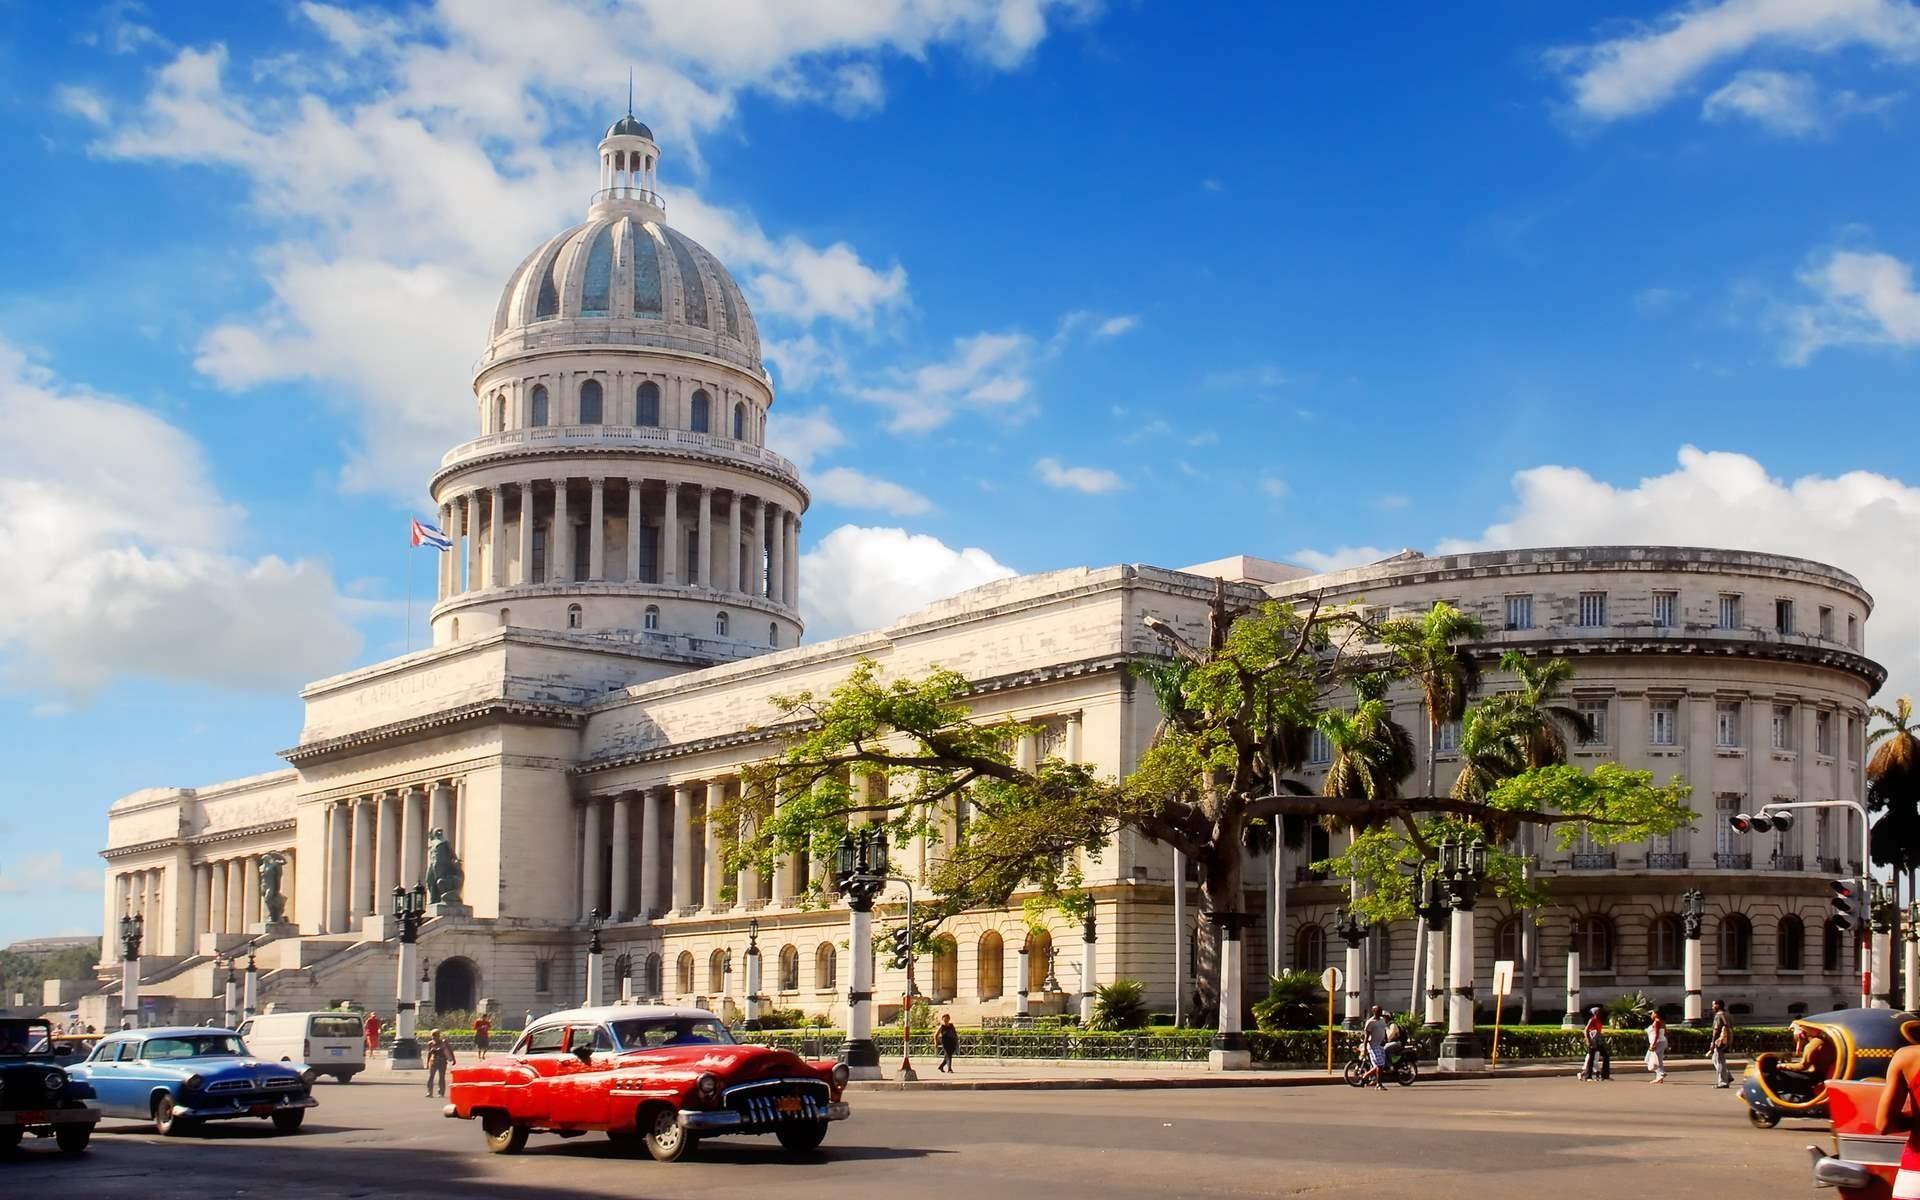 На Кубе введен обязательный карантин для некоторых групп туристов